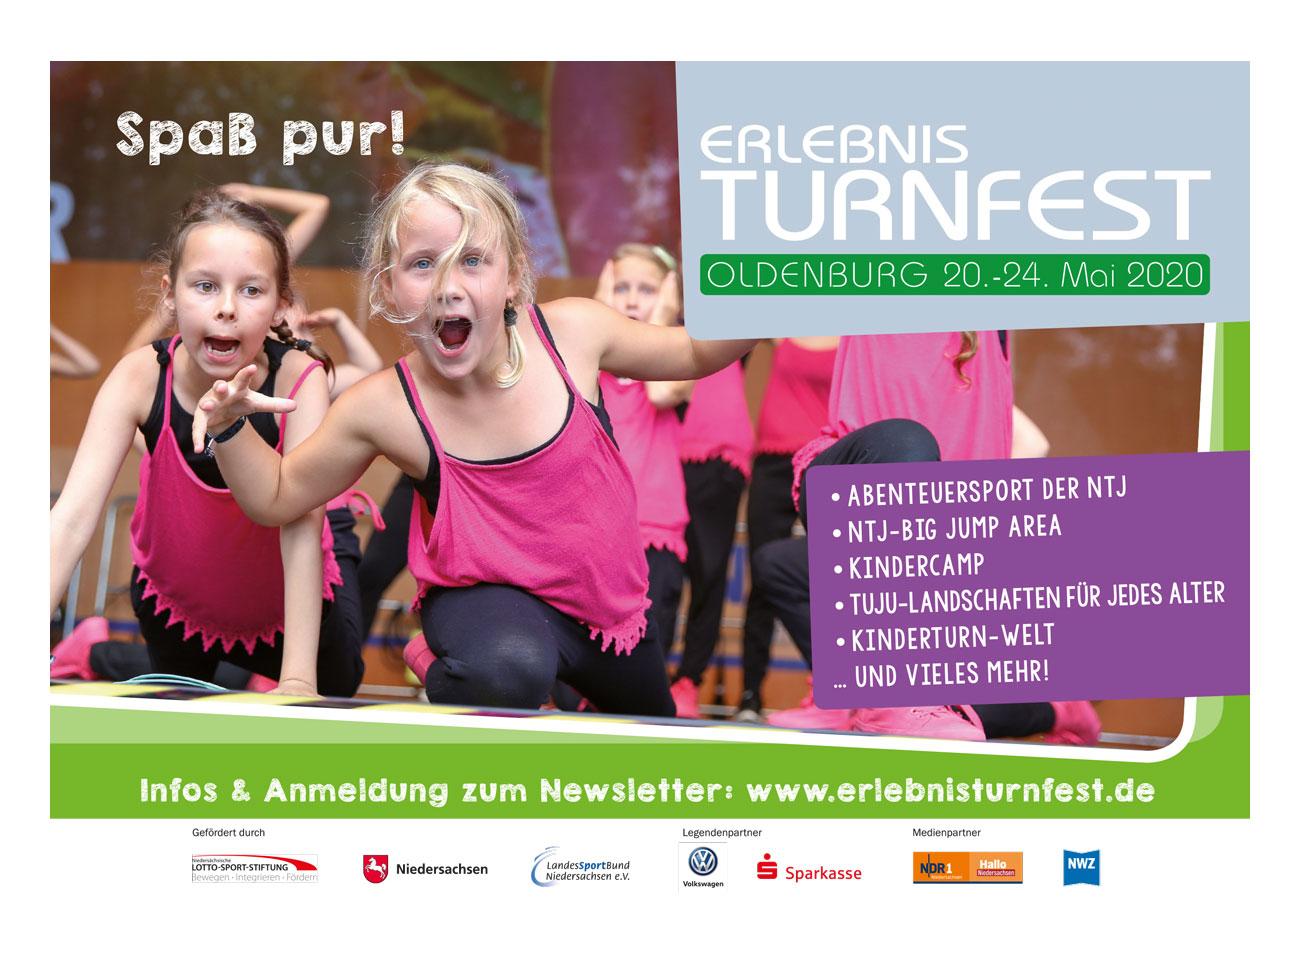 Turnfest 2020